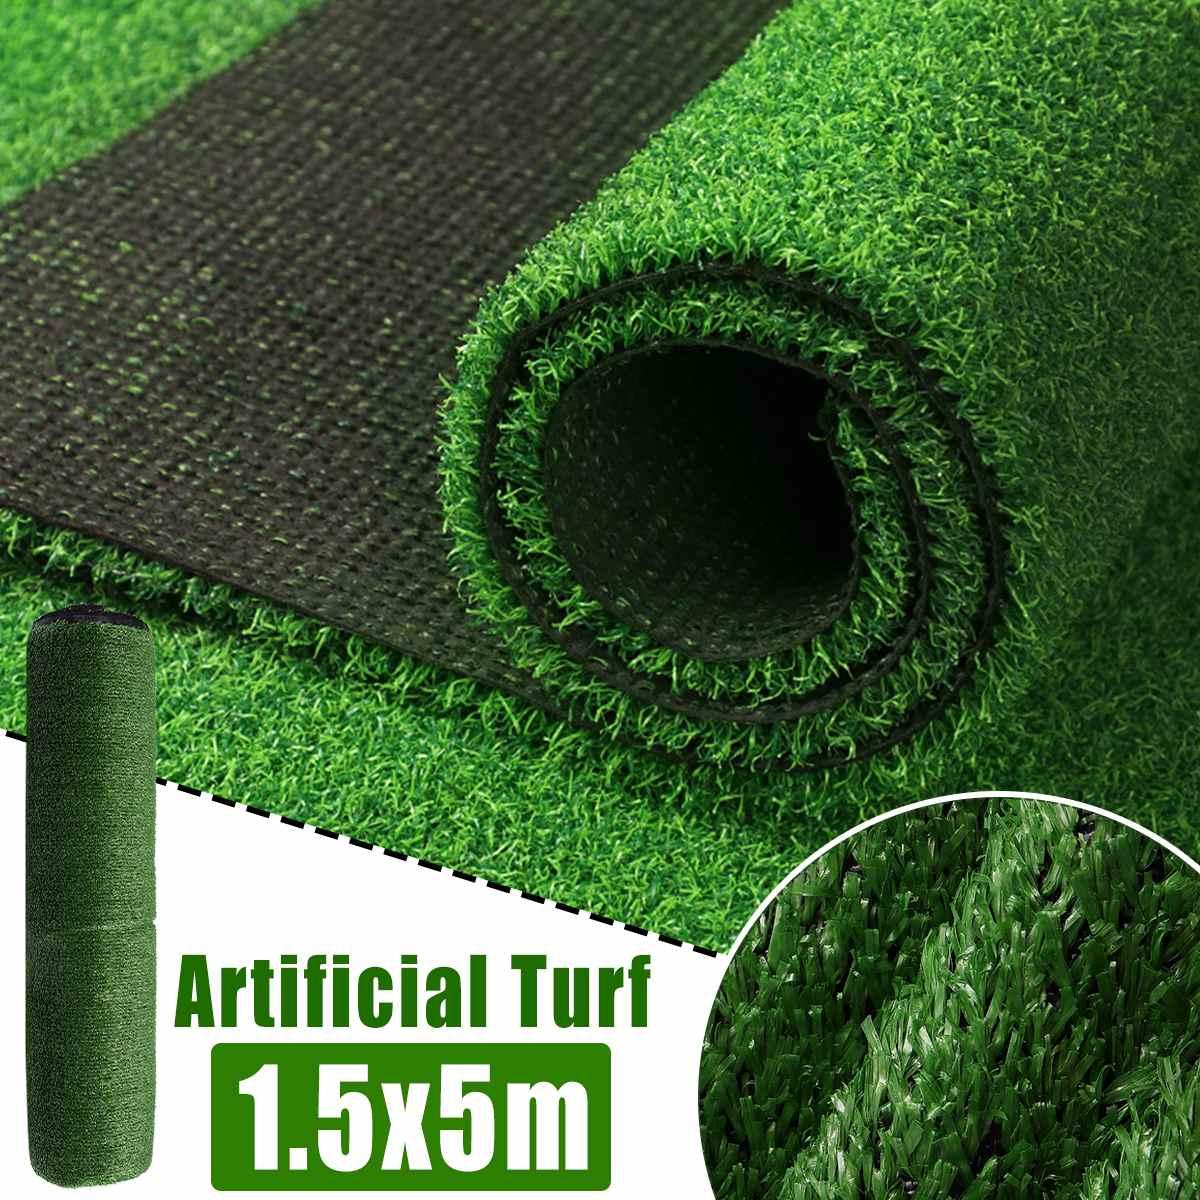 5M yapay sentetik sahte çim çim plastik yeşil bitki çim bahçe dekor dayanıklı hiçbir kirlilik